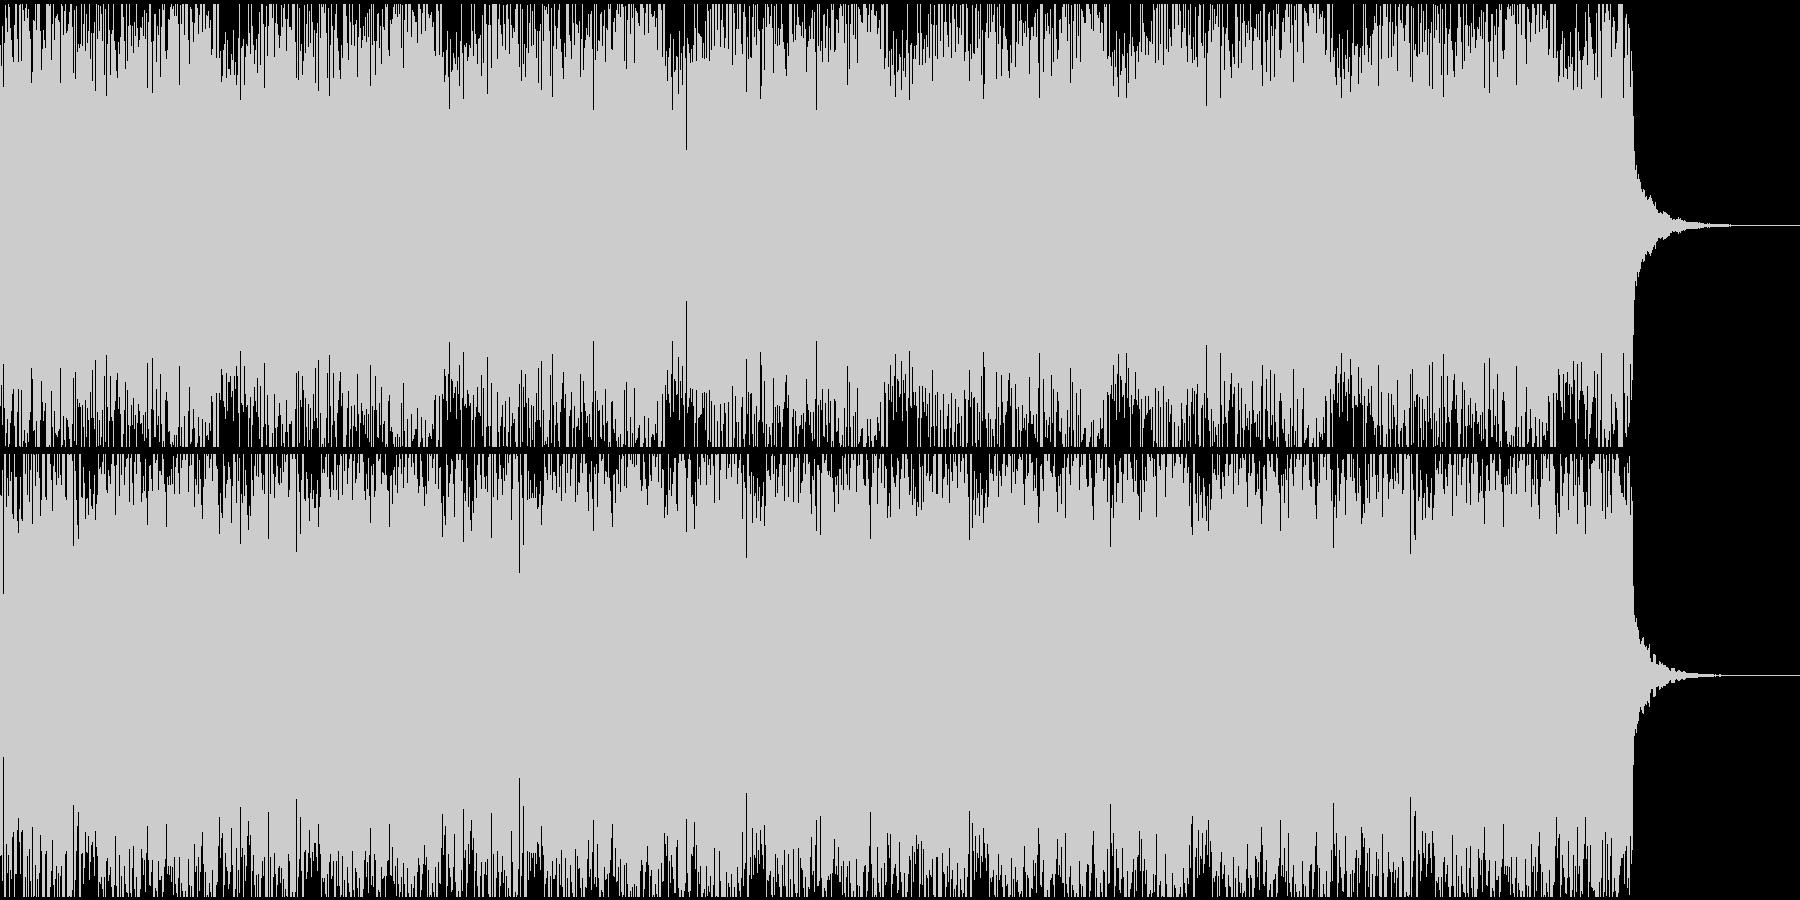 ダークで不気味で奇妙なアンビエントの未再生の波形